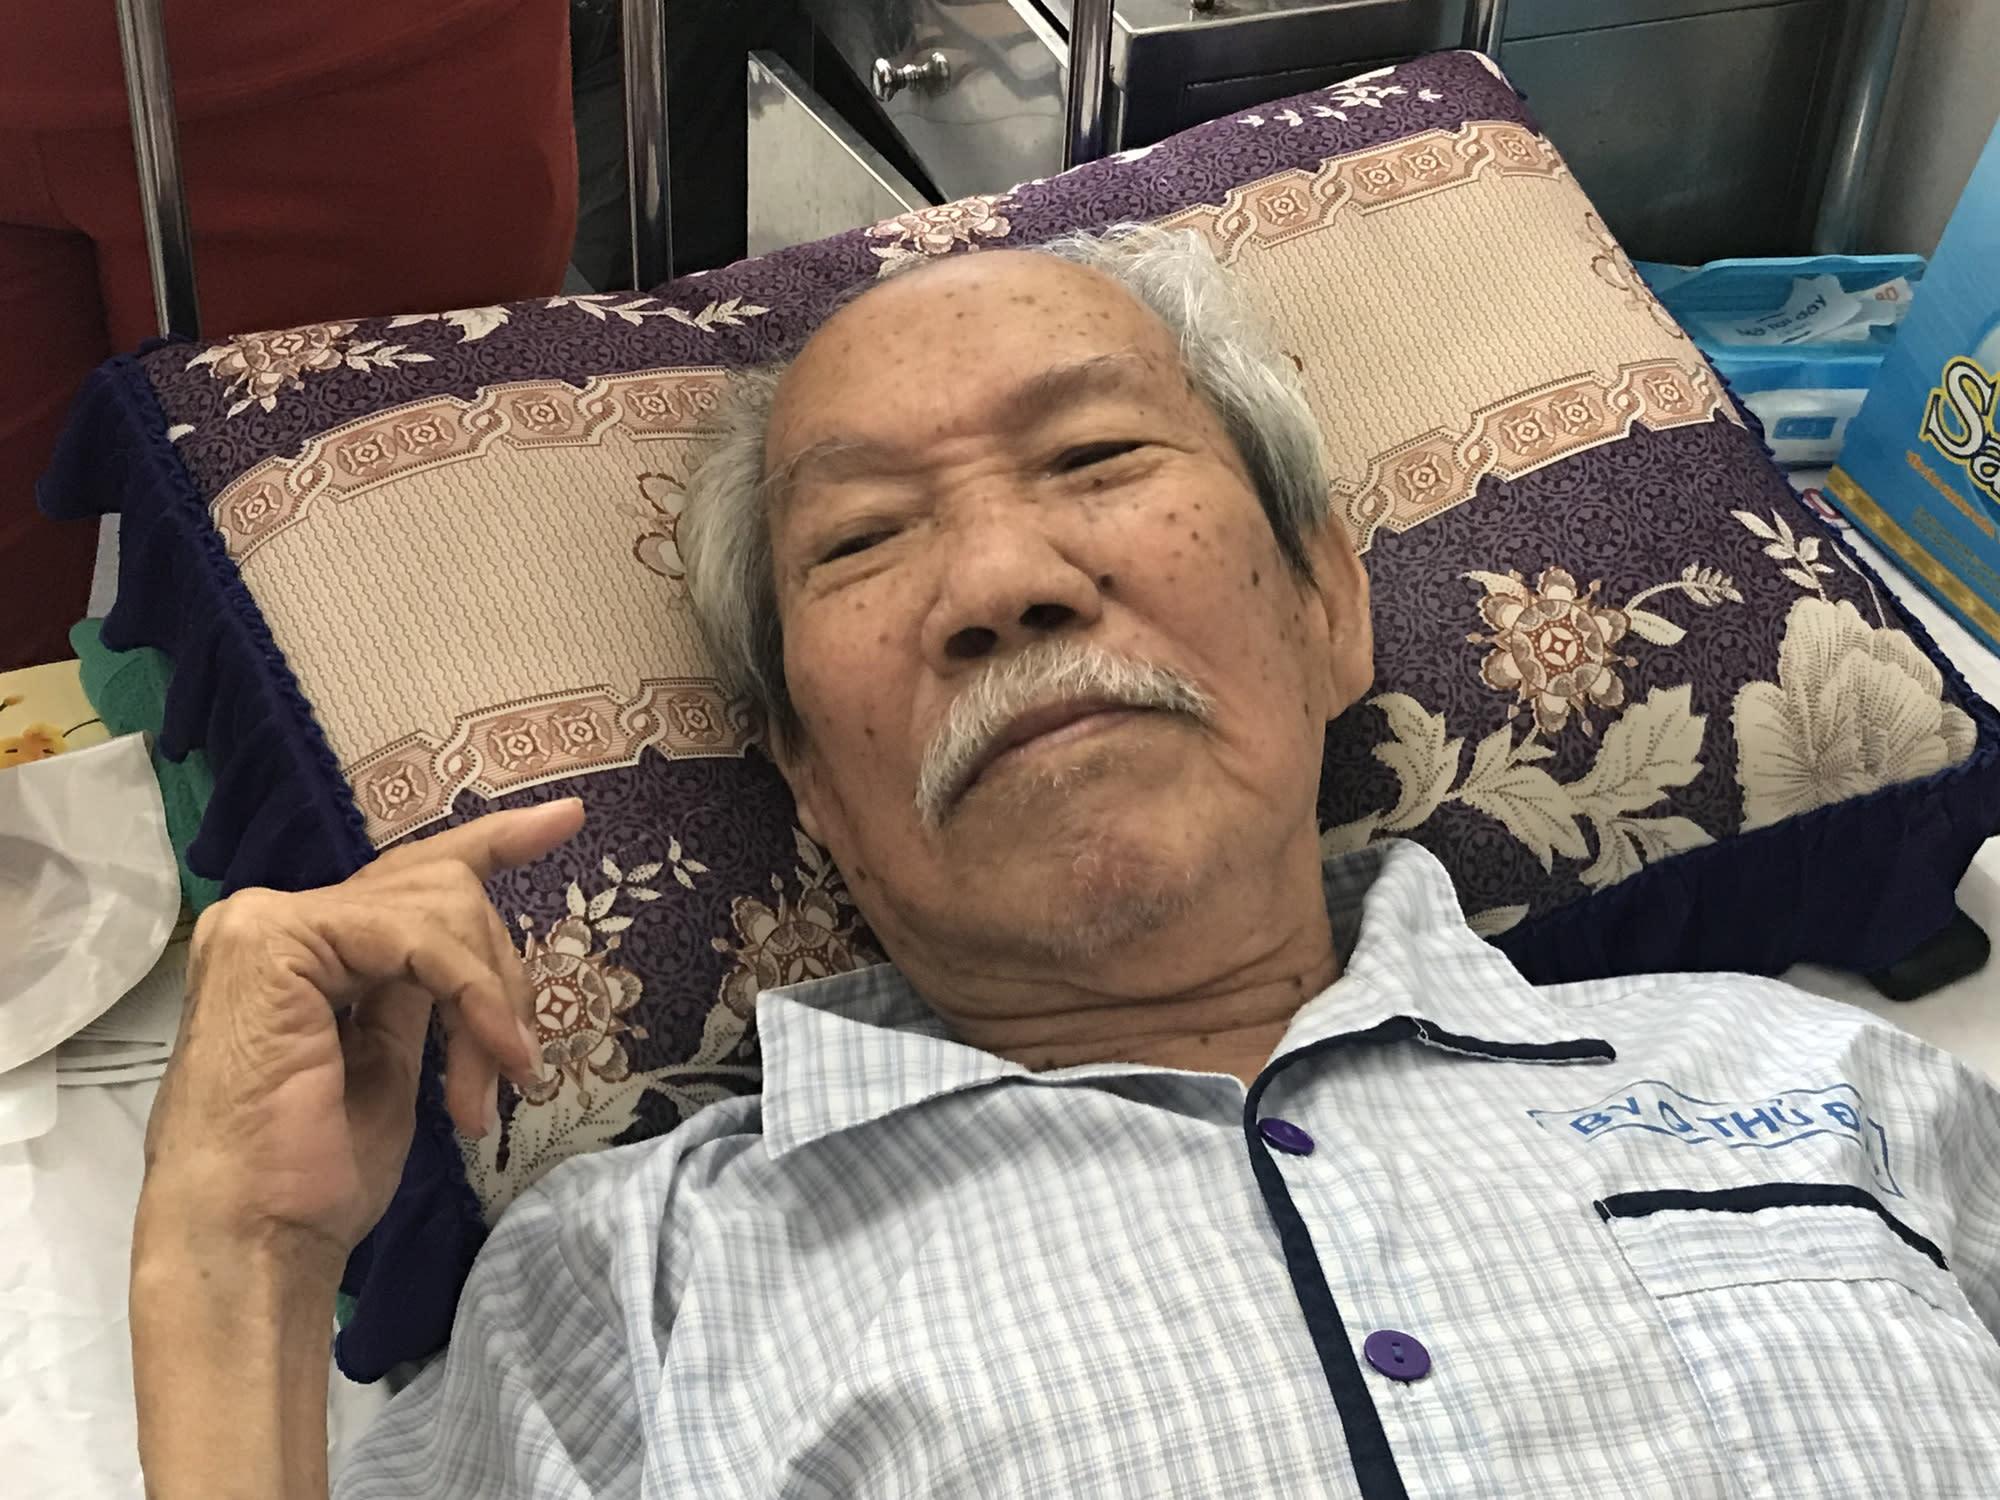 Soạn giả Nguyên Thảo qua đời vì ung thư, hưởng thọ 78 tuổi - Ảnh 1.